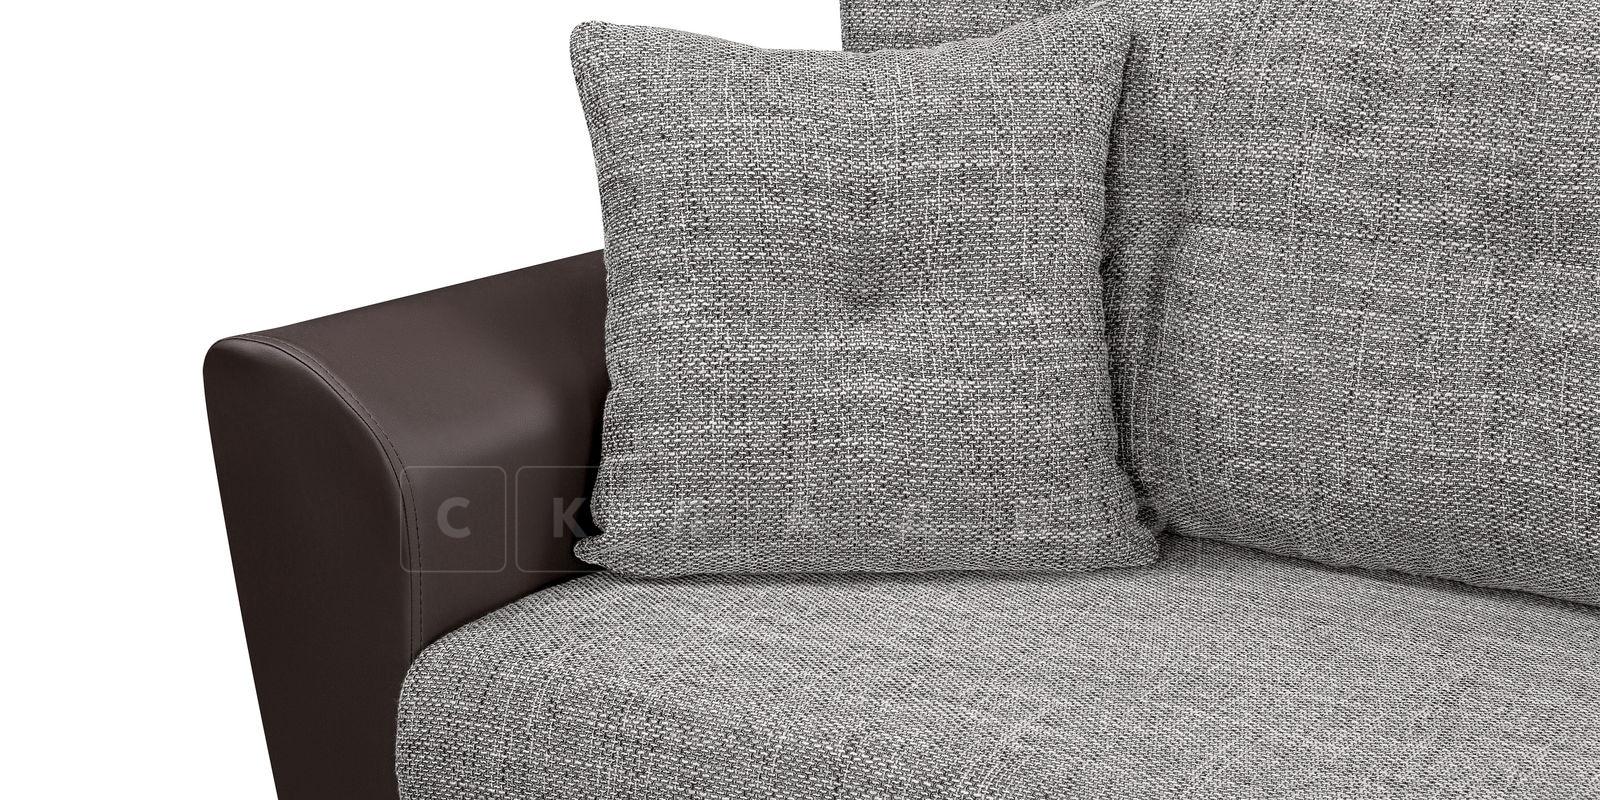 Диван прямой Амстердам кожаный с рогожкой серый фото 4 | интернет-магазин Складно